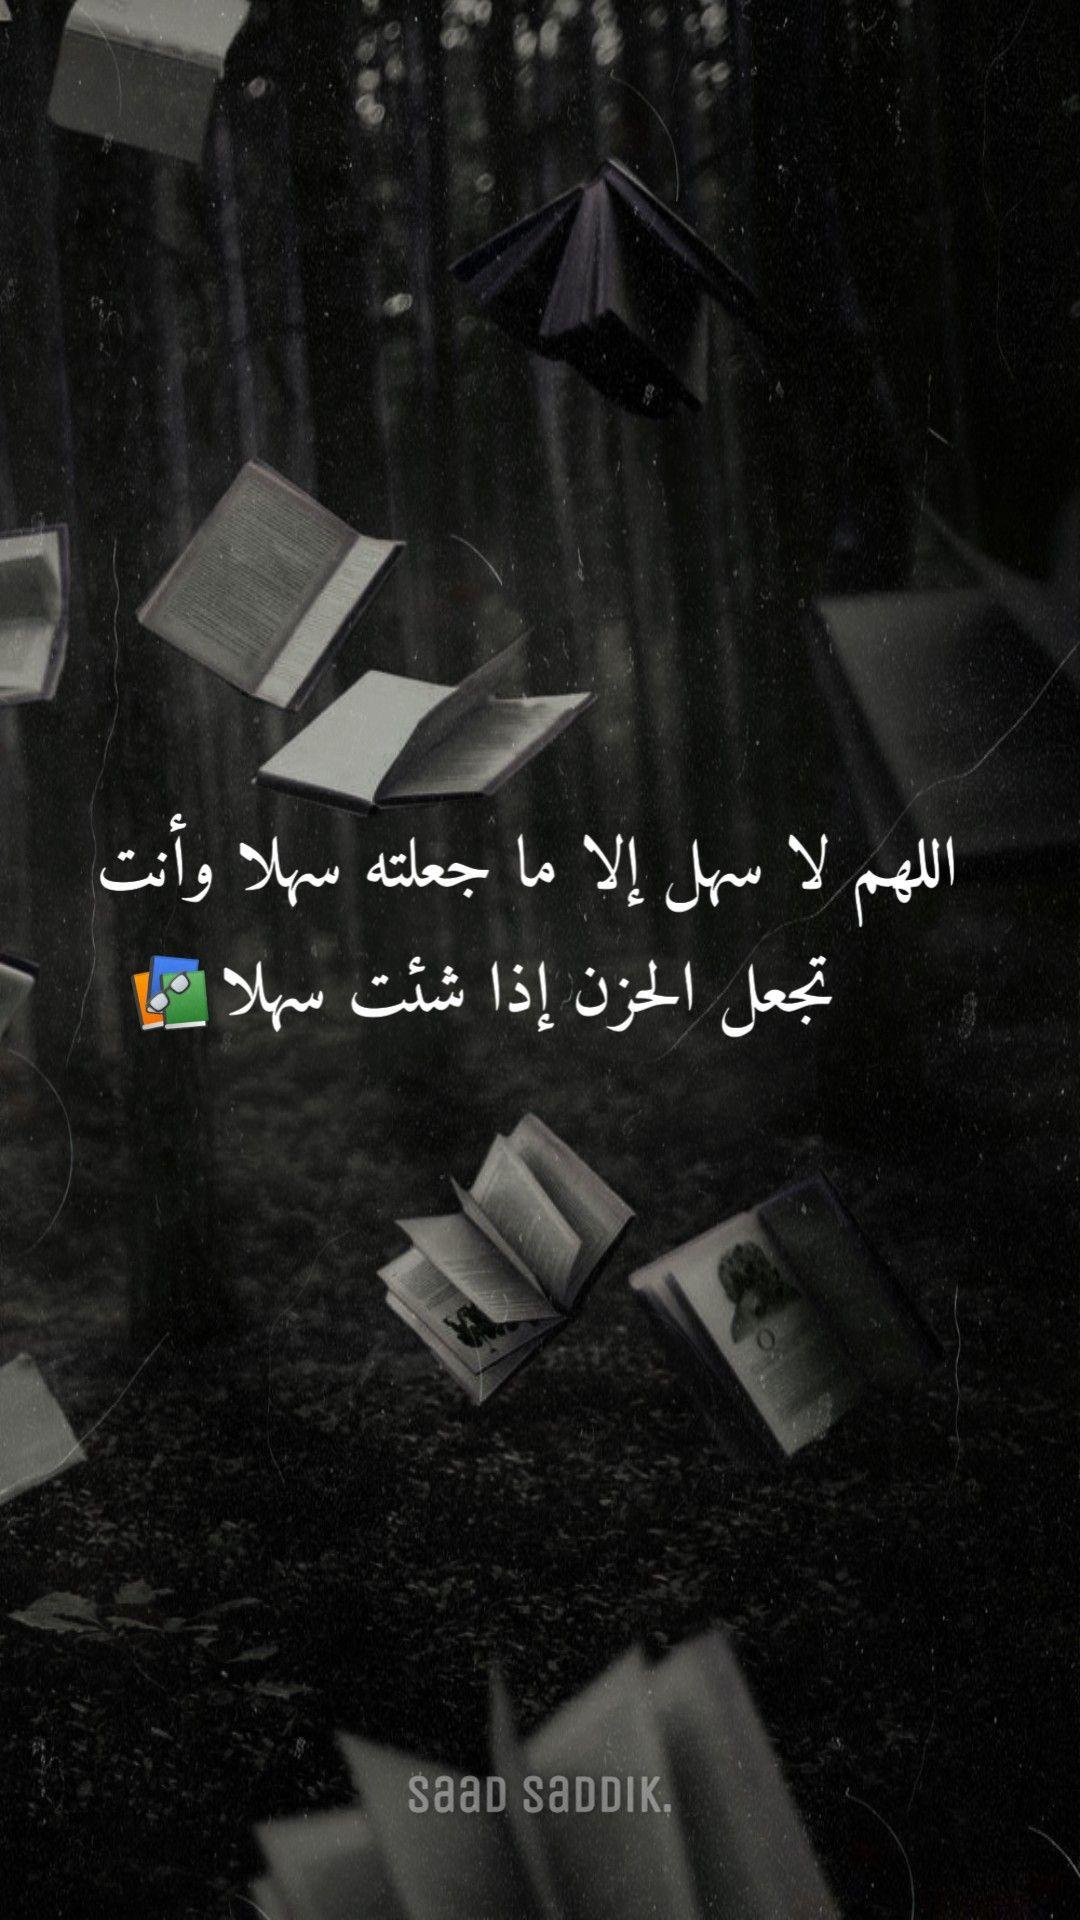 اللهم لا سهل إلا ما جعلته سهلا وأنت تجعل الحزن إذا شئت سهلا Instagram Photo And Video Instagram Photo